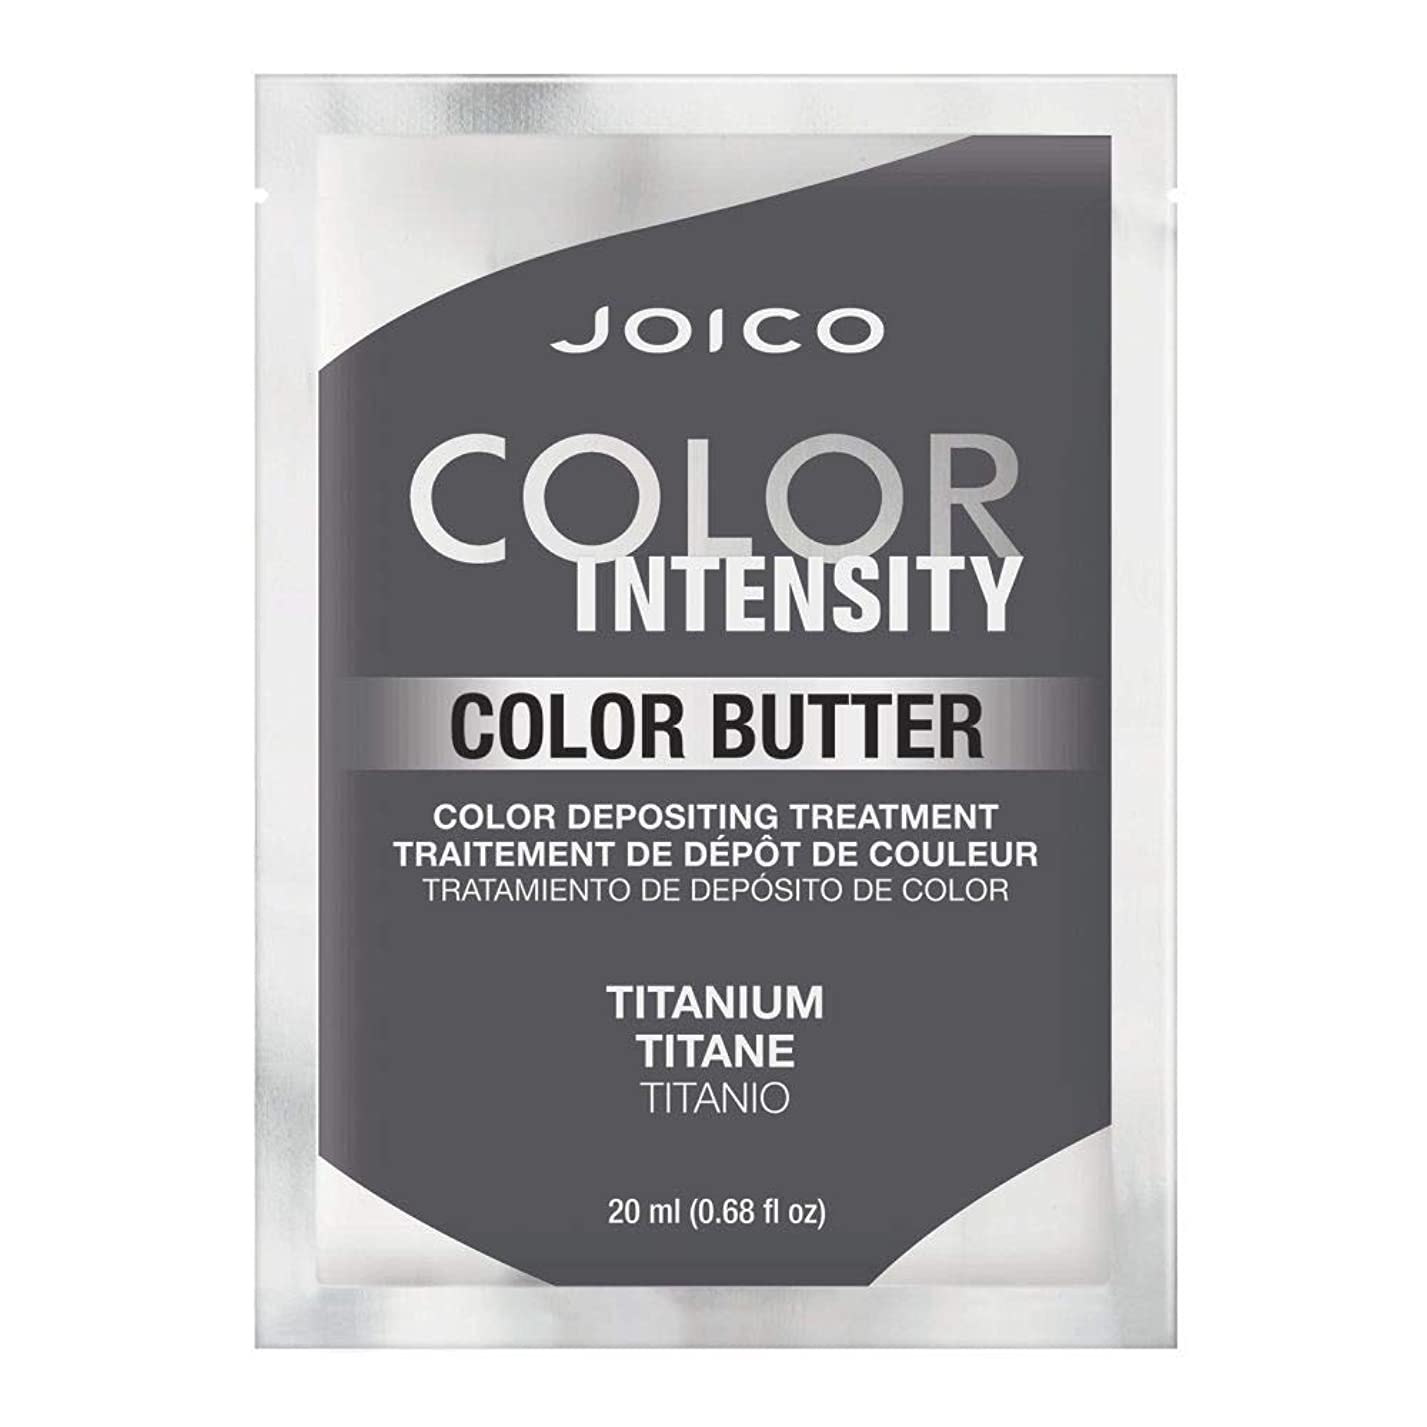 極貧恐ろしい社会Joico 色強度色バター - チタン0.68オンス チタン